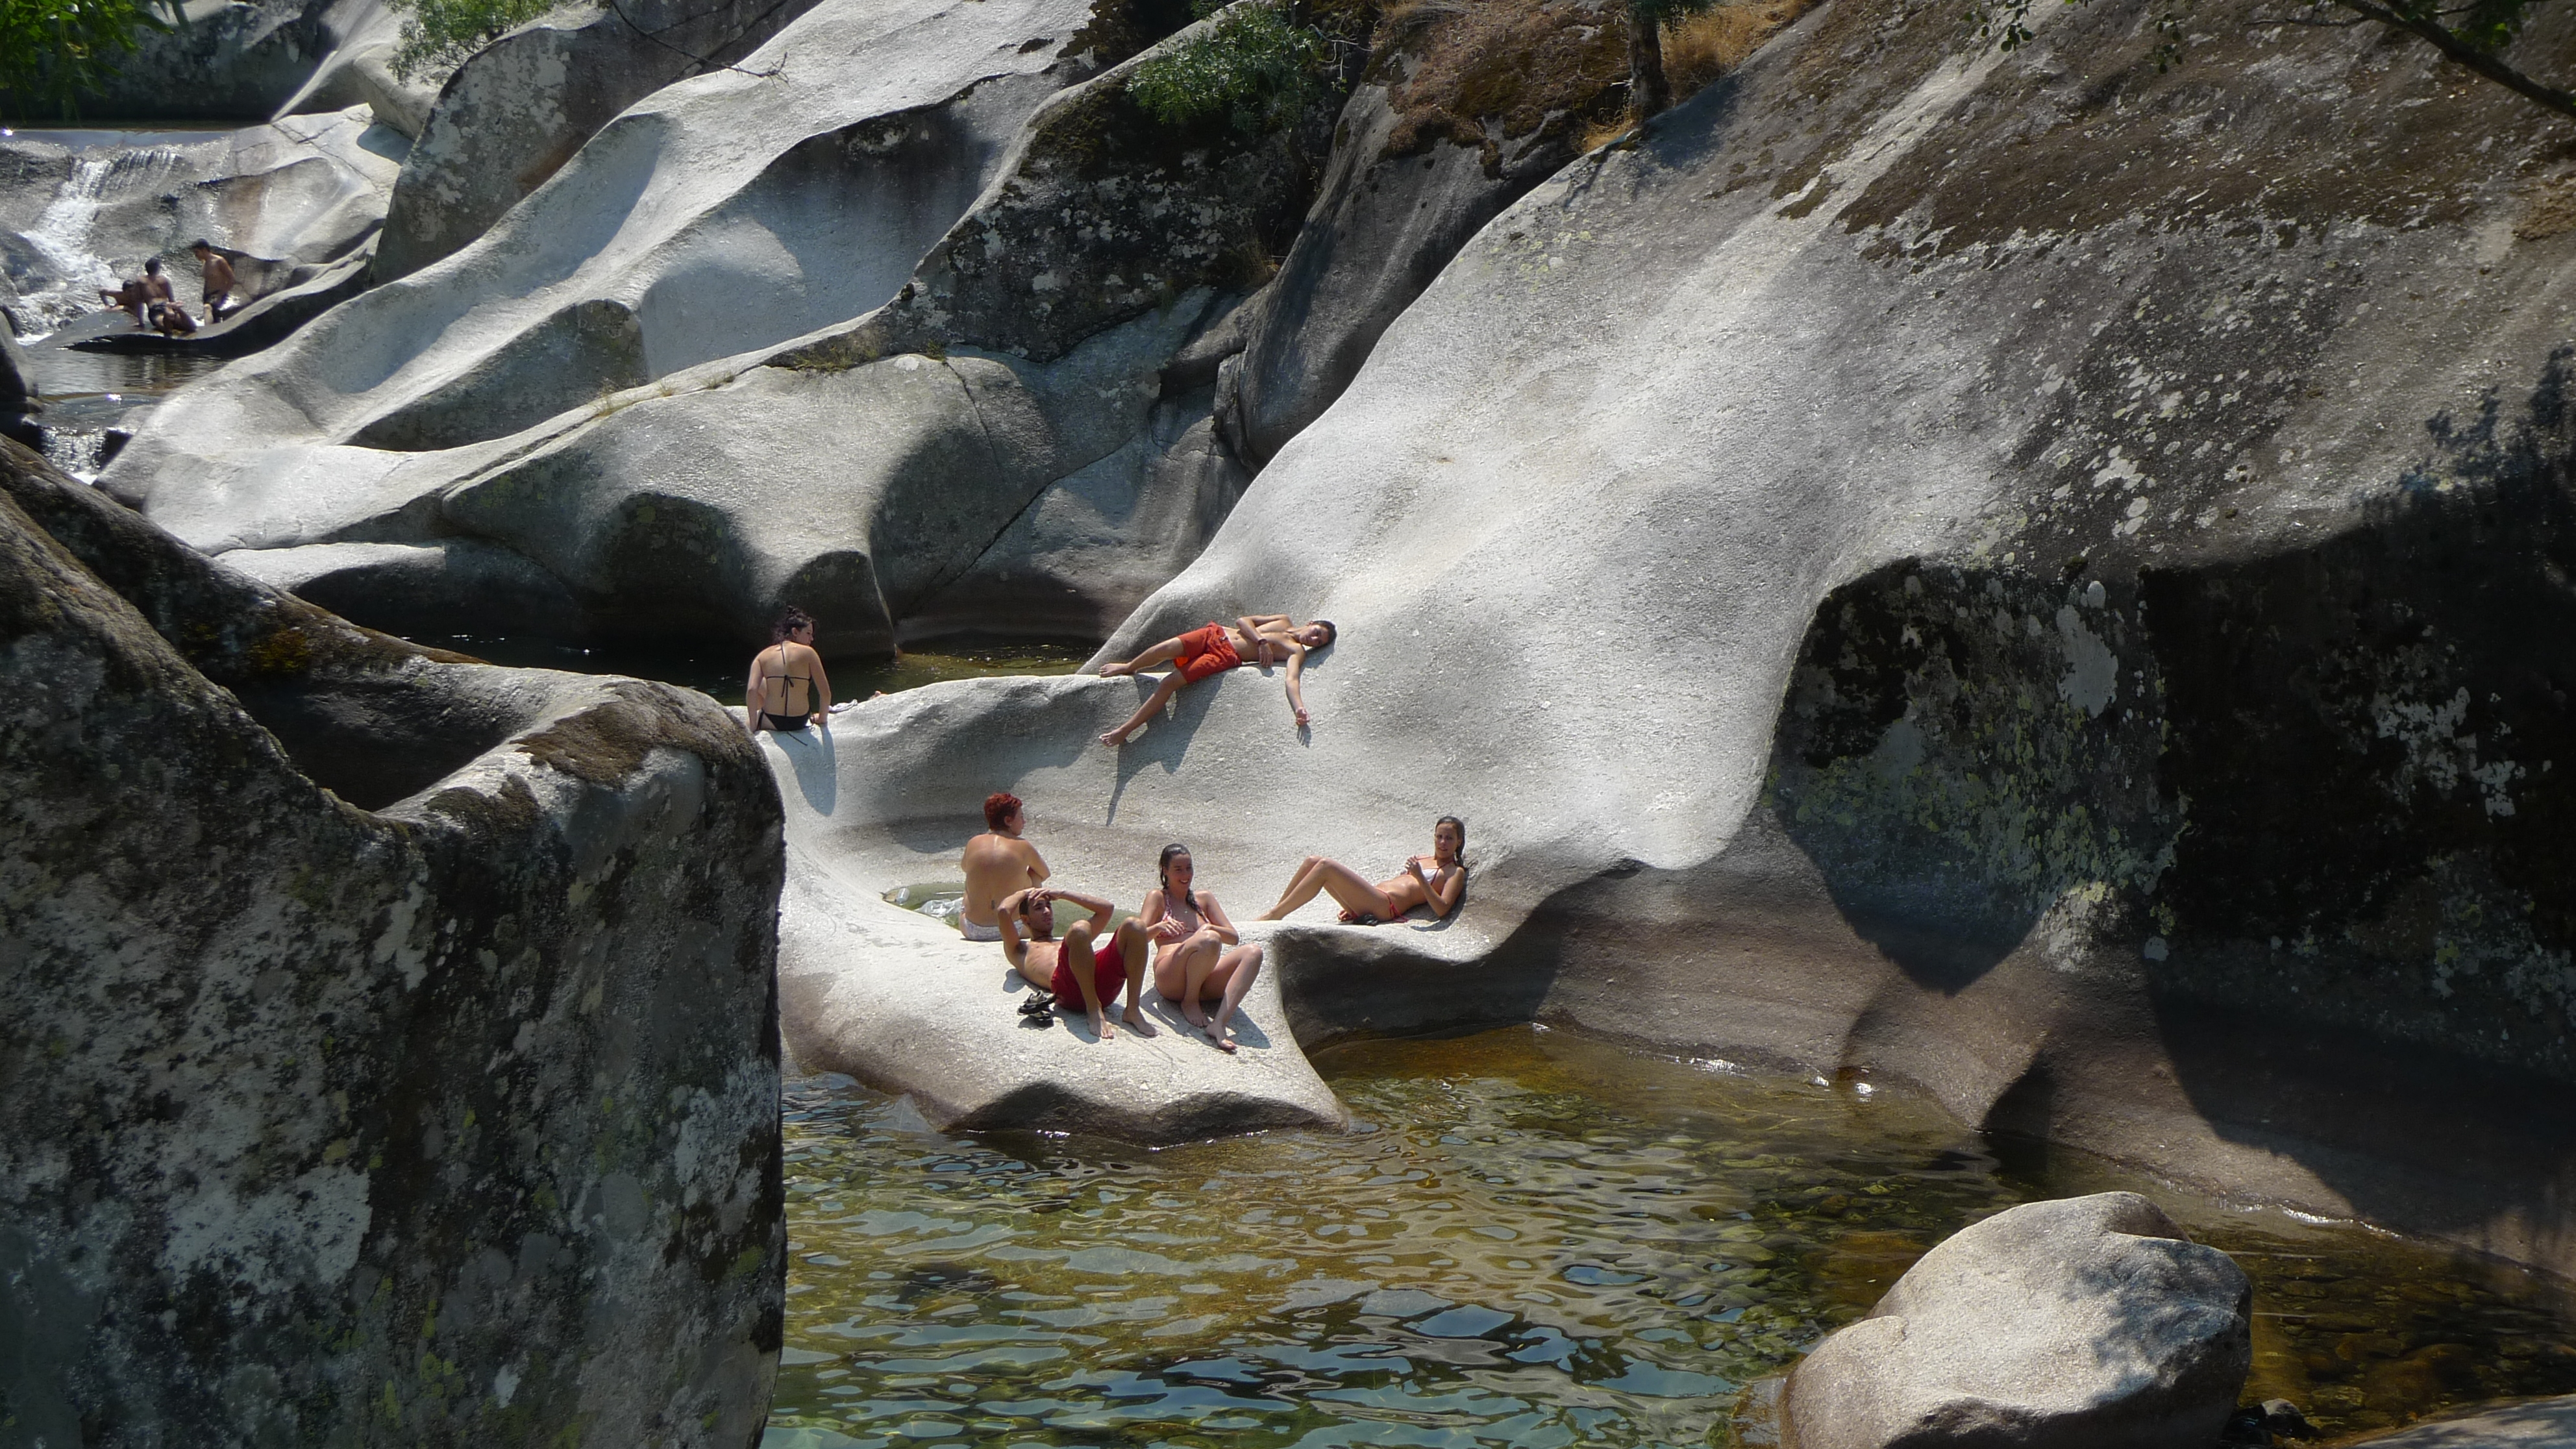 Piscinas naturales en extremadura y m s blog de turismo for Piscinas naturales cerca de caceres